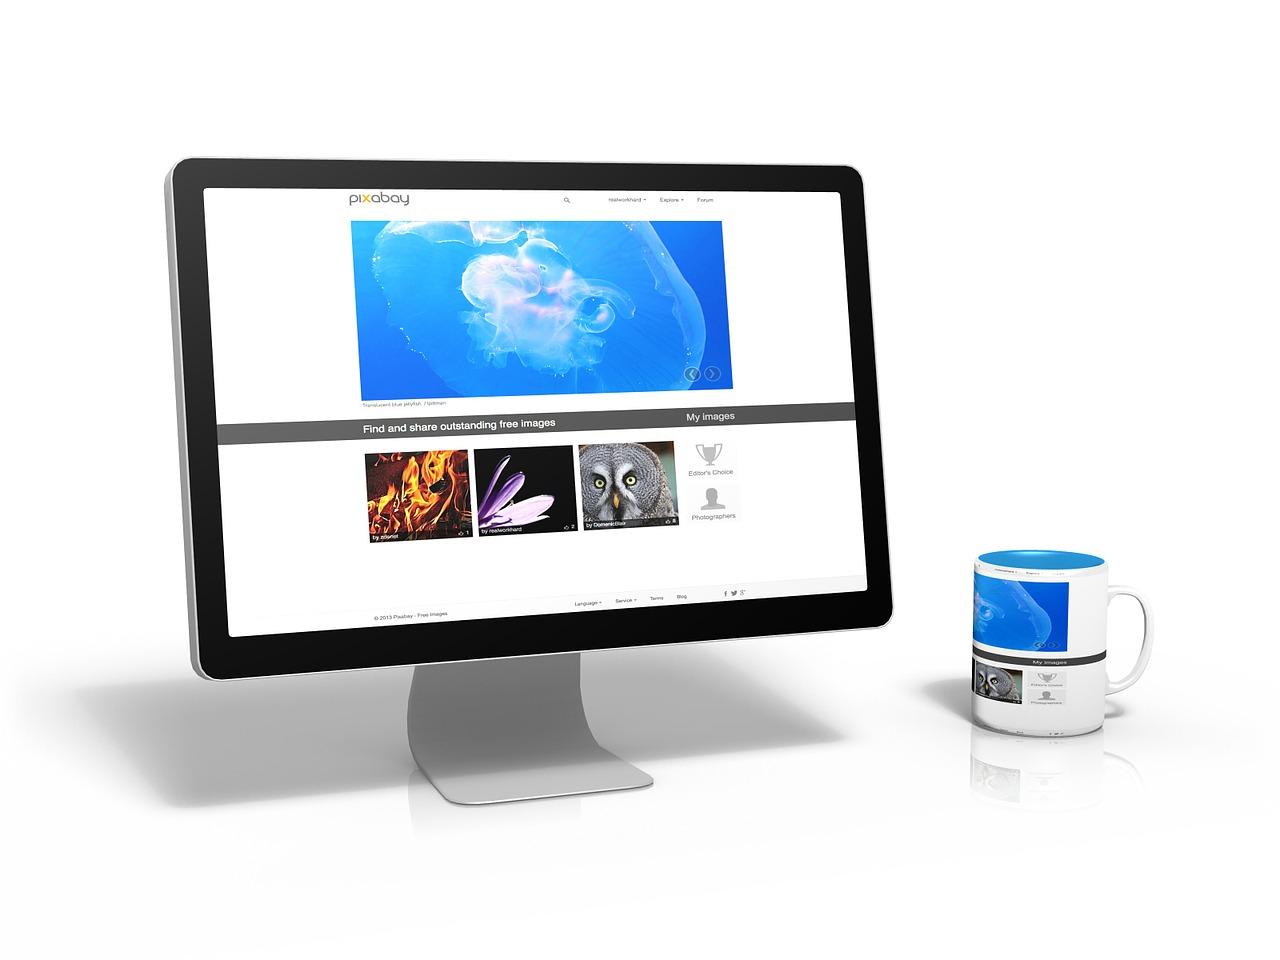 gebrauchte laptops kaufen vergleichsportal angebote. Black Bedroom Furniture Sets. Home Design Ideas